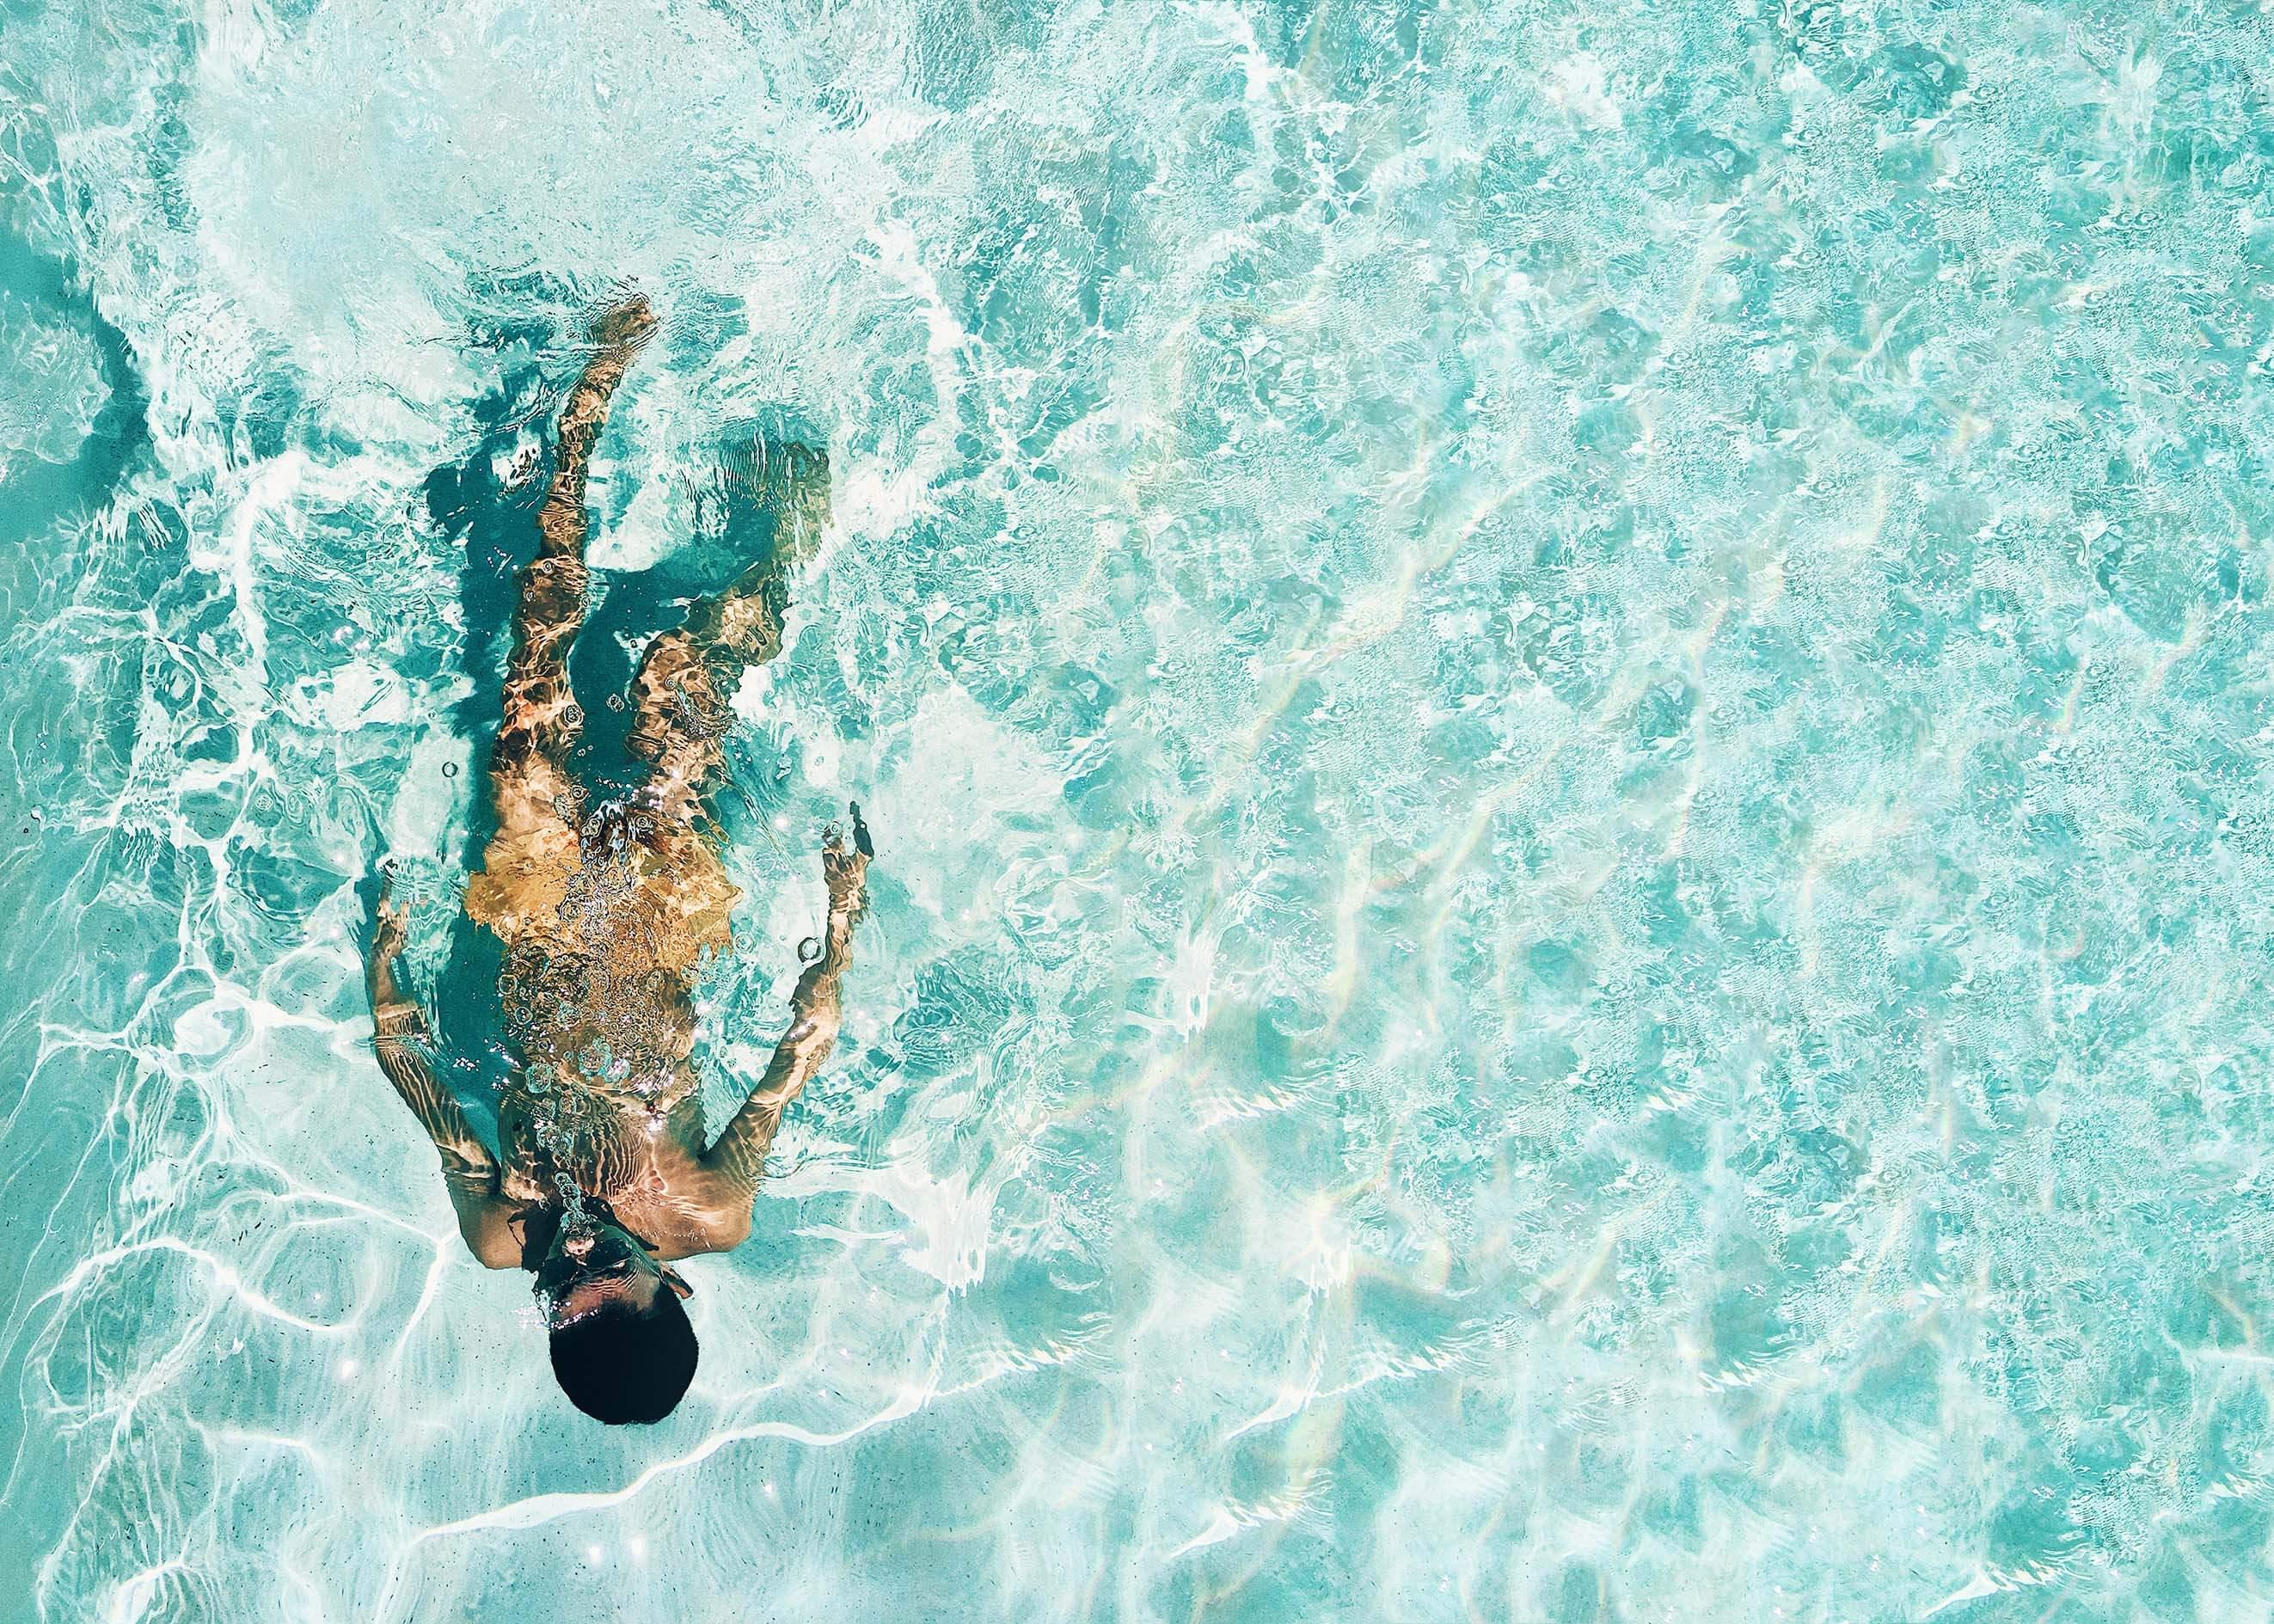 Saiba como cuidar da piscina de forma correta para o verão